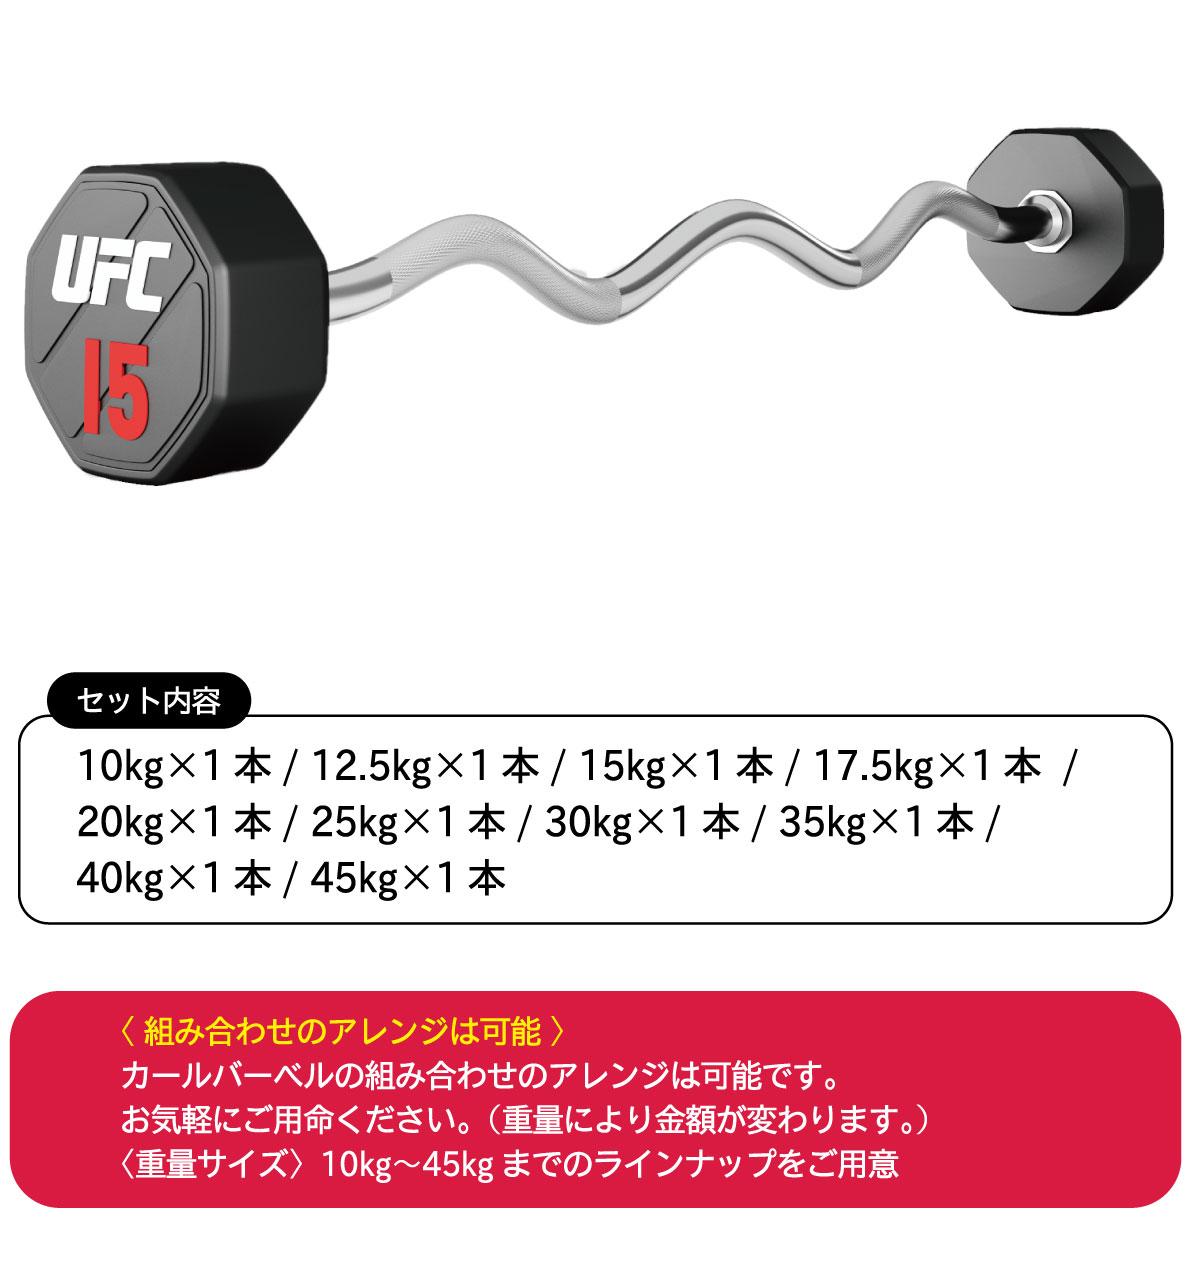 ウレタンEZカールバーベルの10本セット(10kg-45kg)〈業務用〉《総合格闘技UFCオフィシャル》